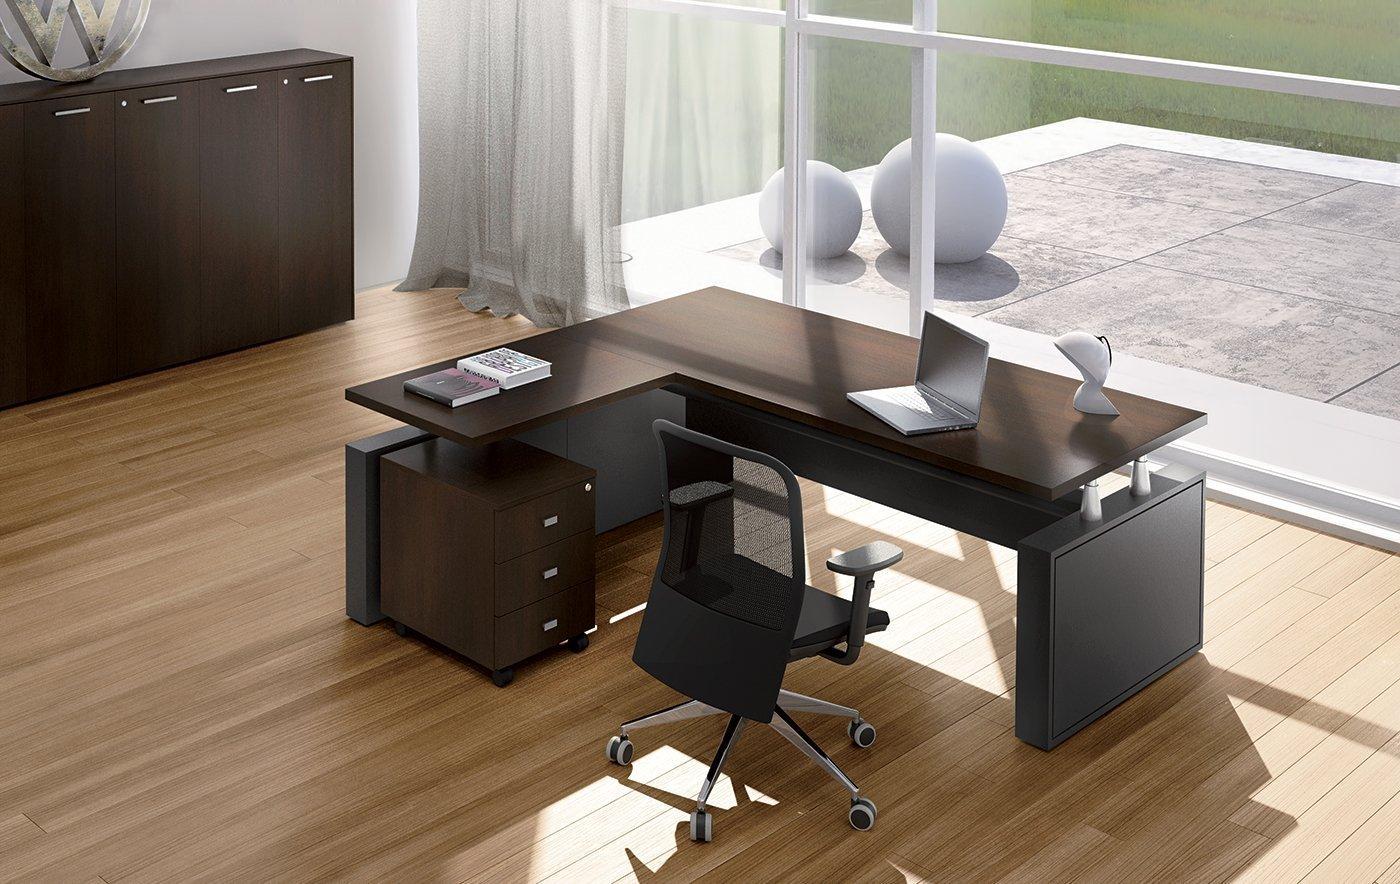 Produzione arredo ufficio arredoufficio arredamento for Arredamento ufficio design